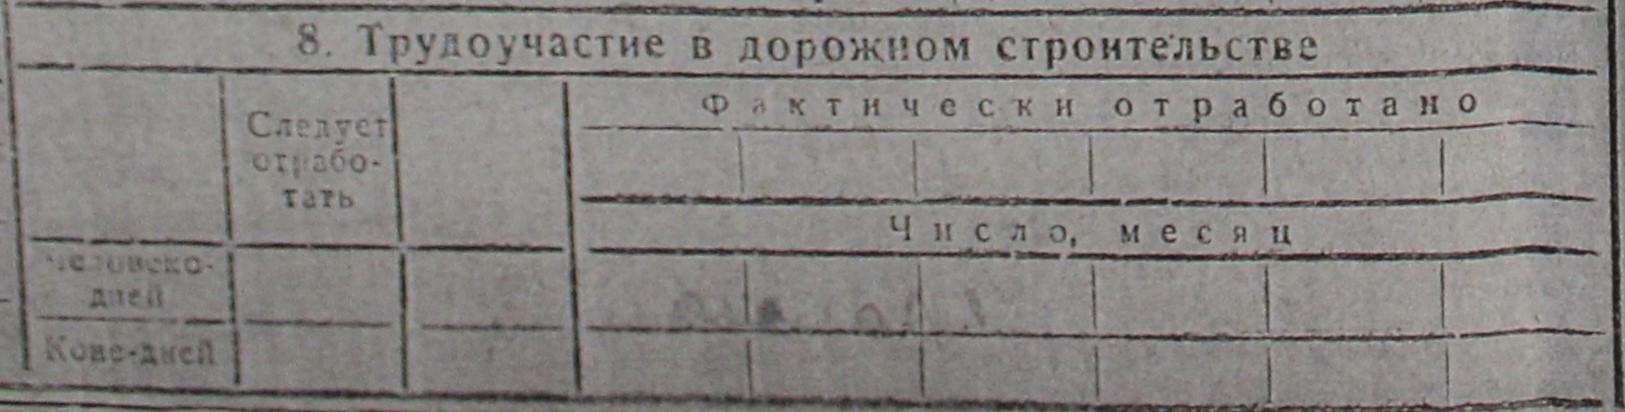 Похозяйственная Книга Попова Николая Алексеевича 8 пункт трудоучастие в дорожном строительстве